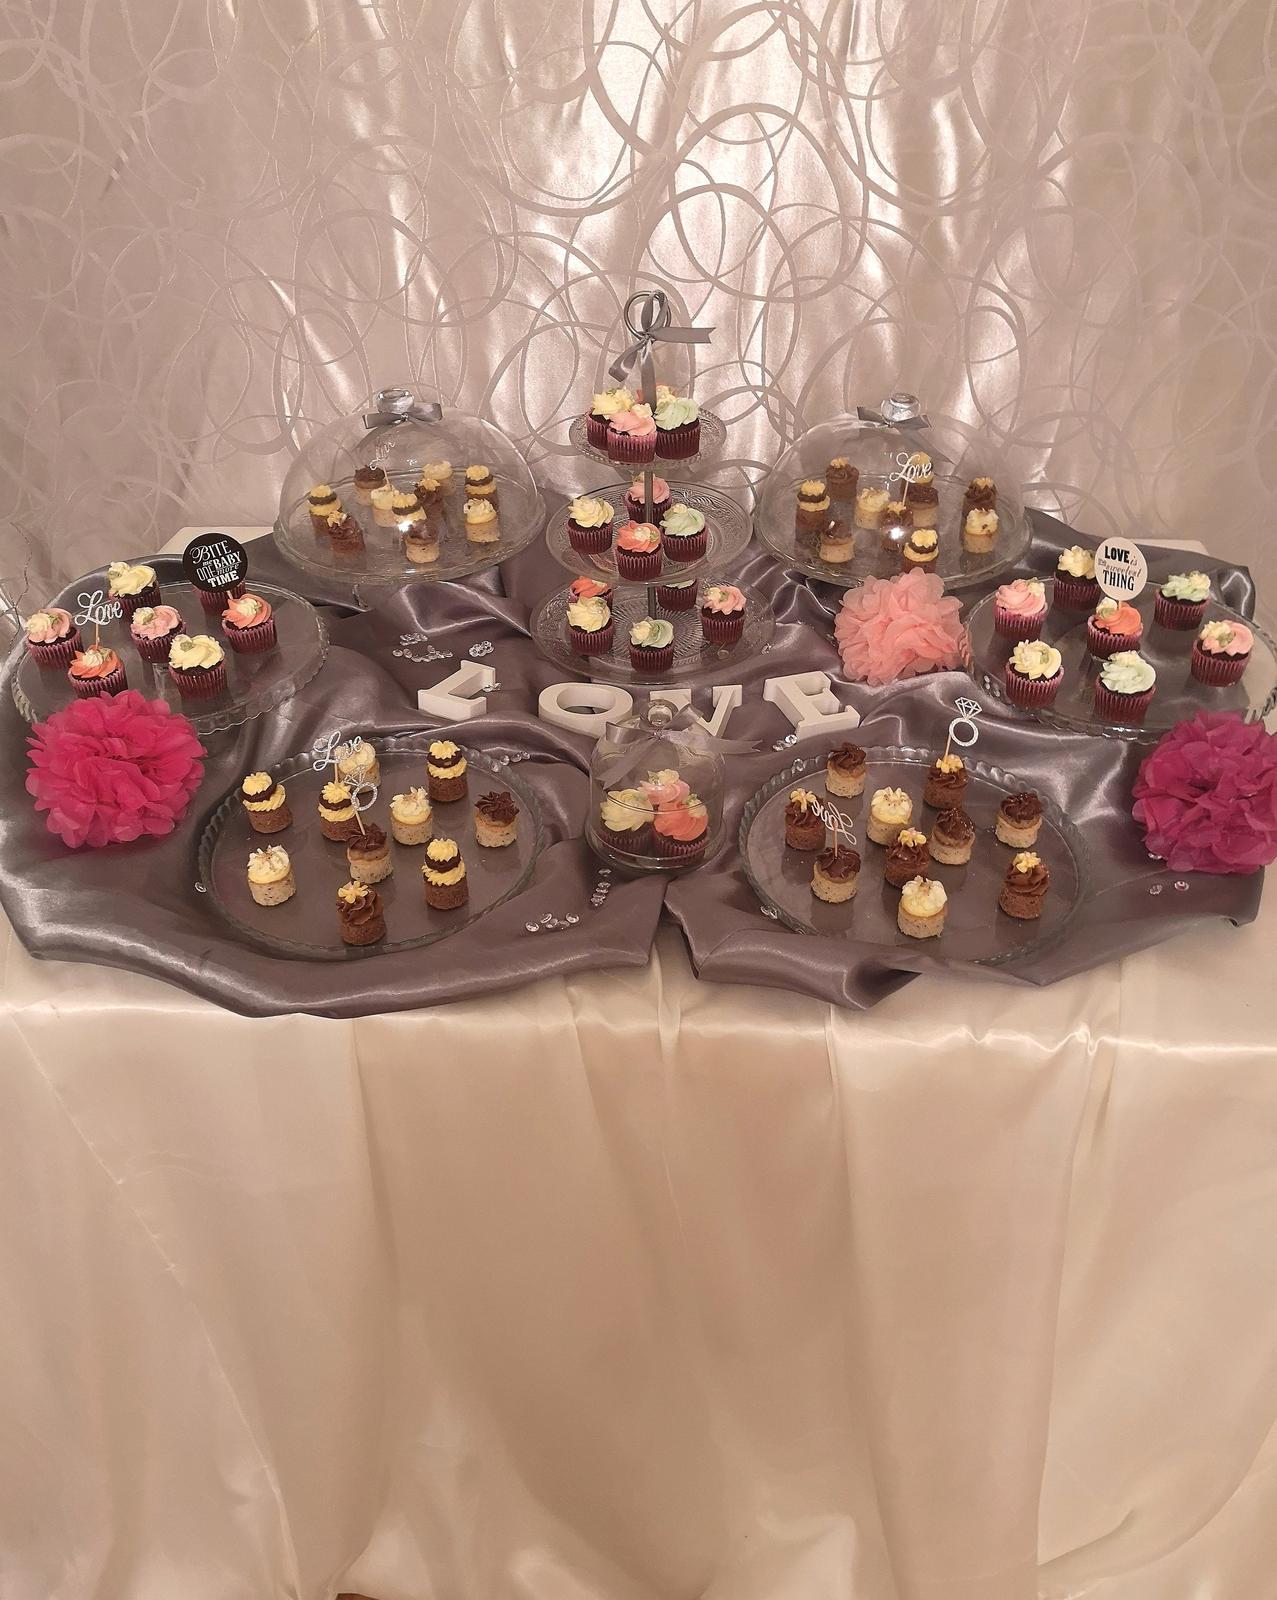 Prenájom - Candy bar set 1020 - Obrázok č. 1